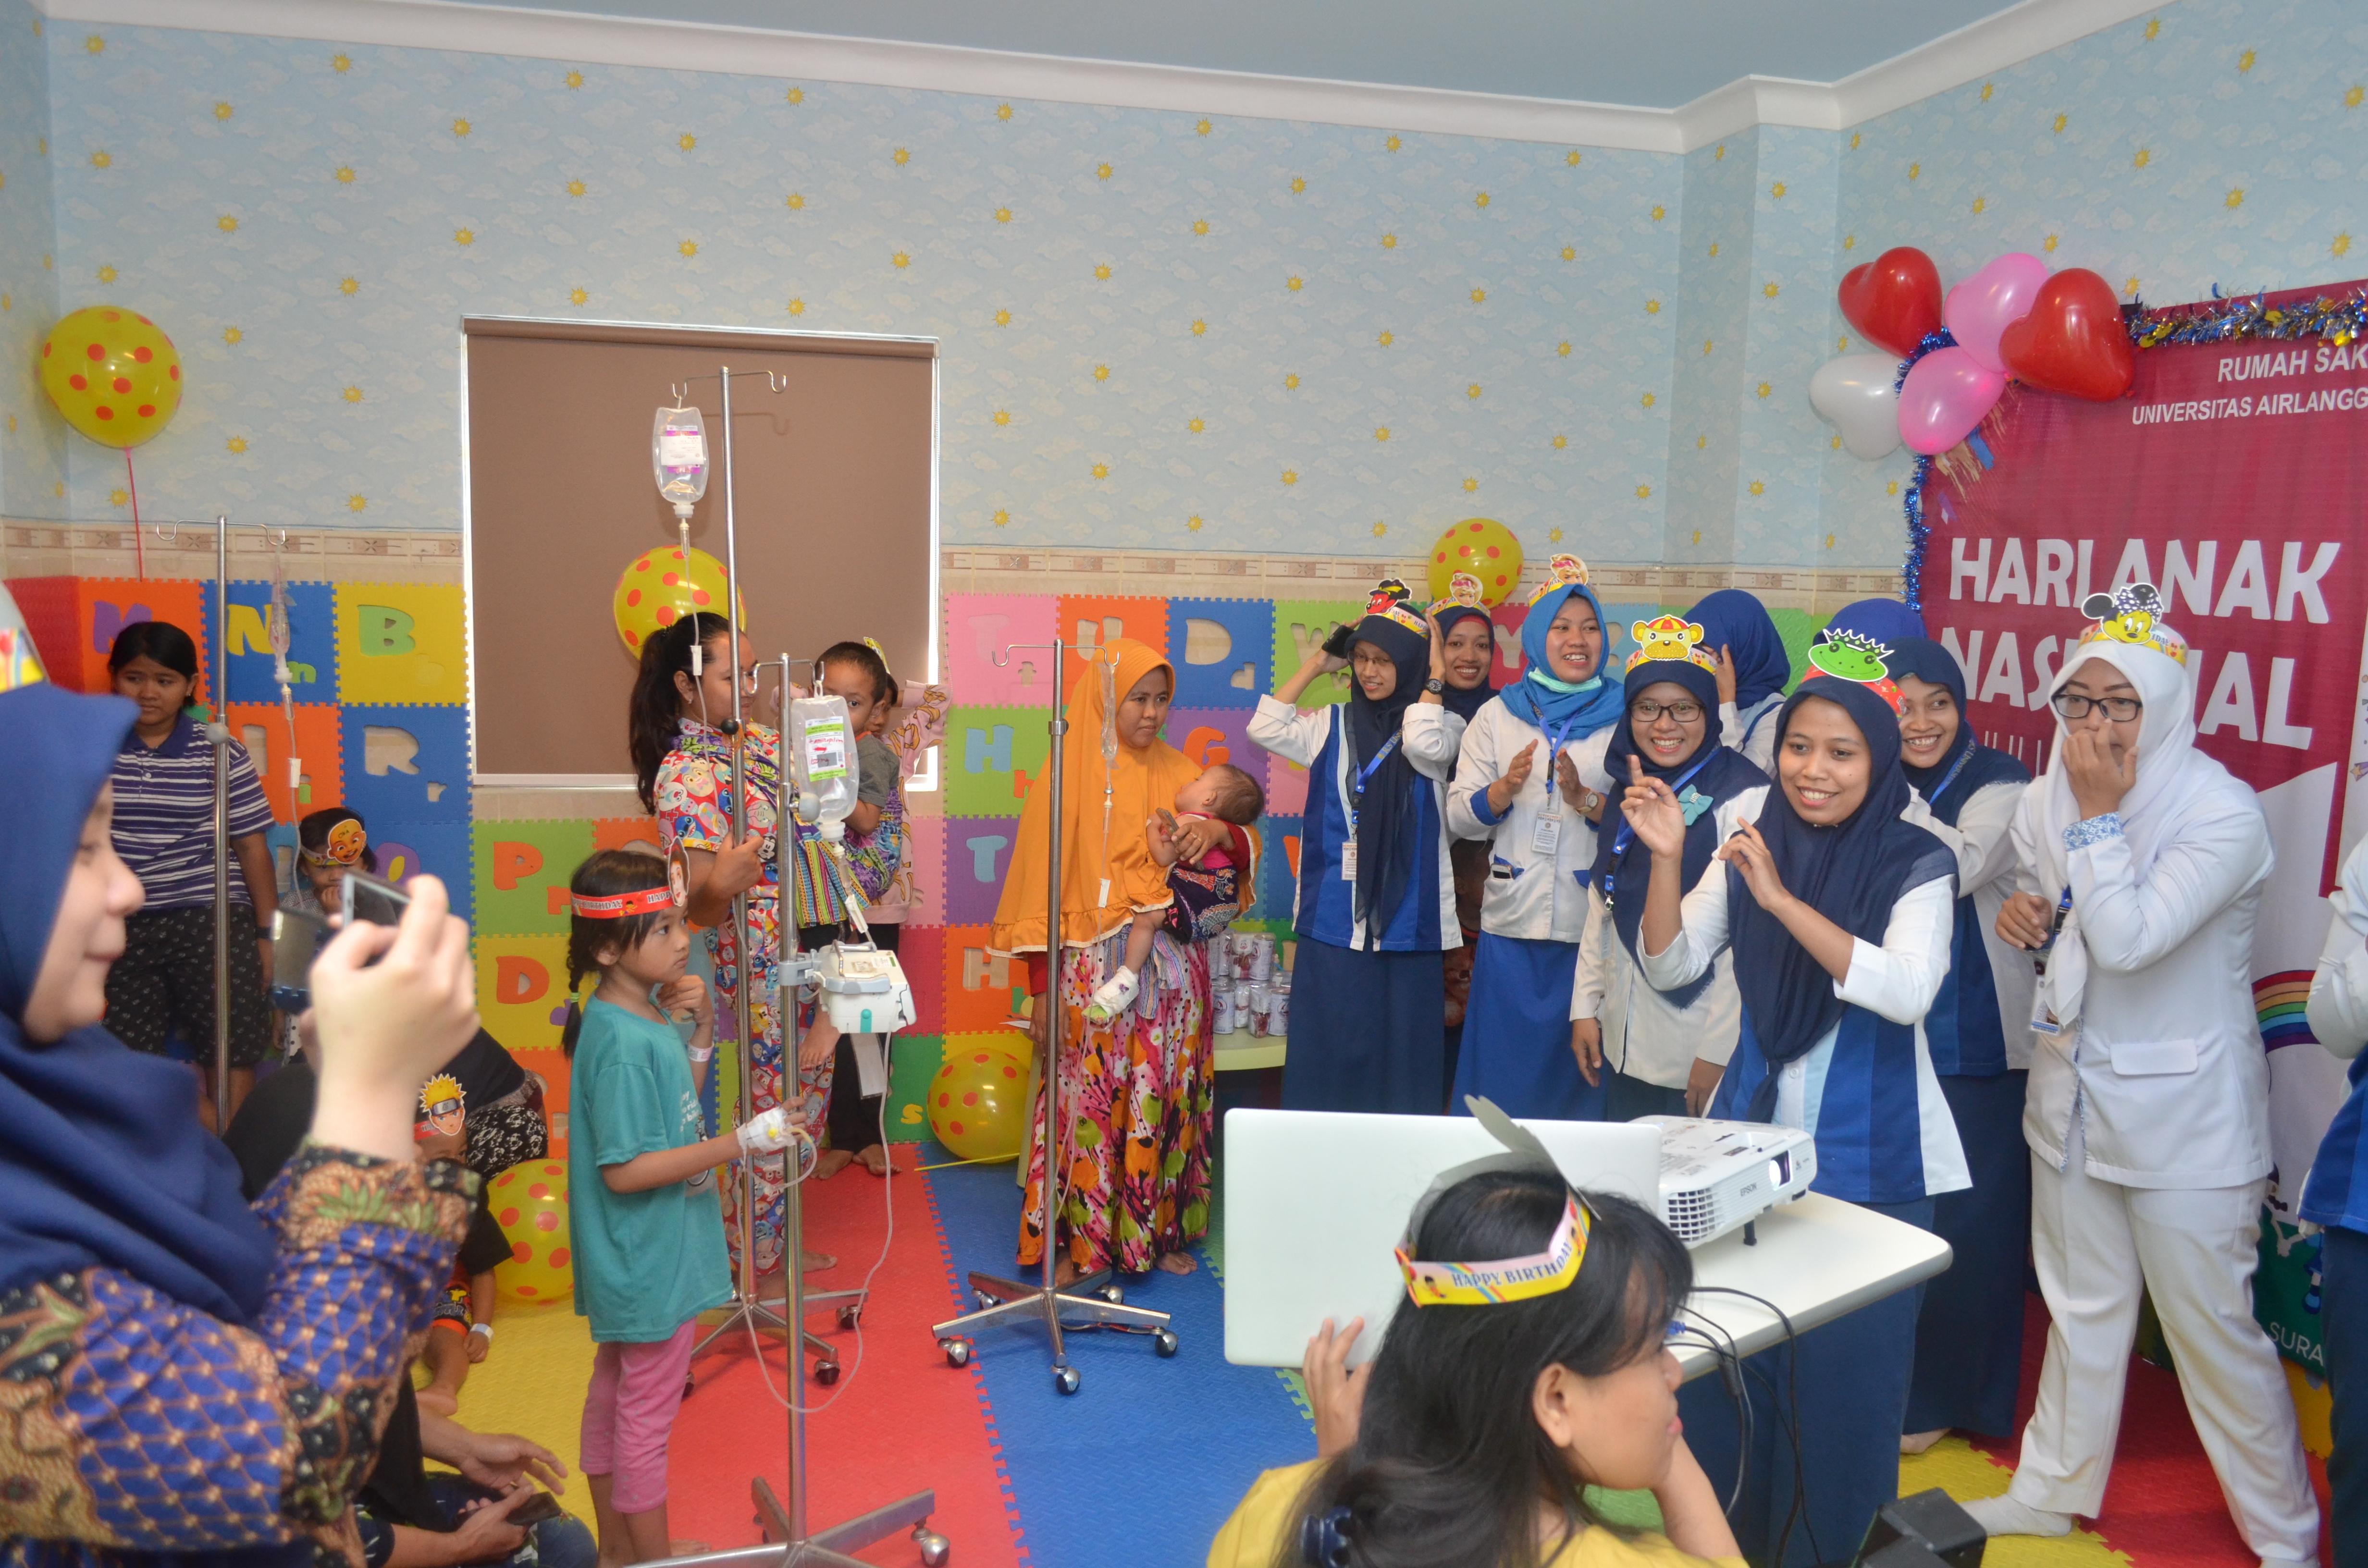 Terapi bermain pasien anak RS UNAIR di Hari Anak Nasional 2018 | RS UNAIR